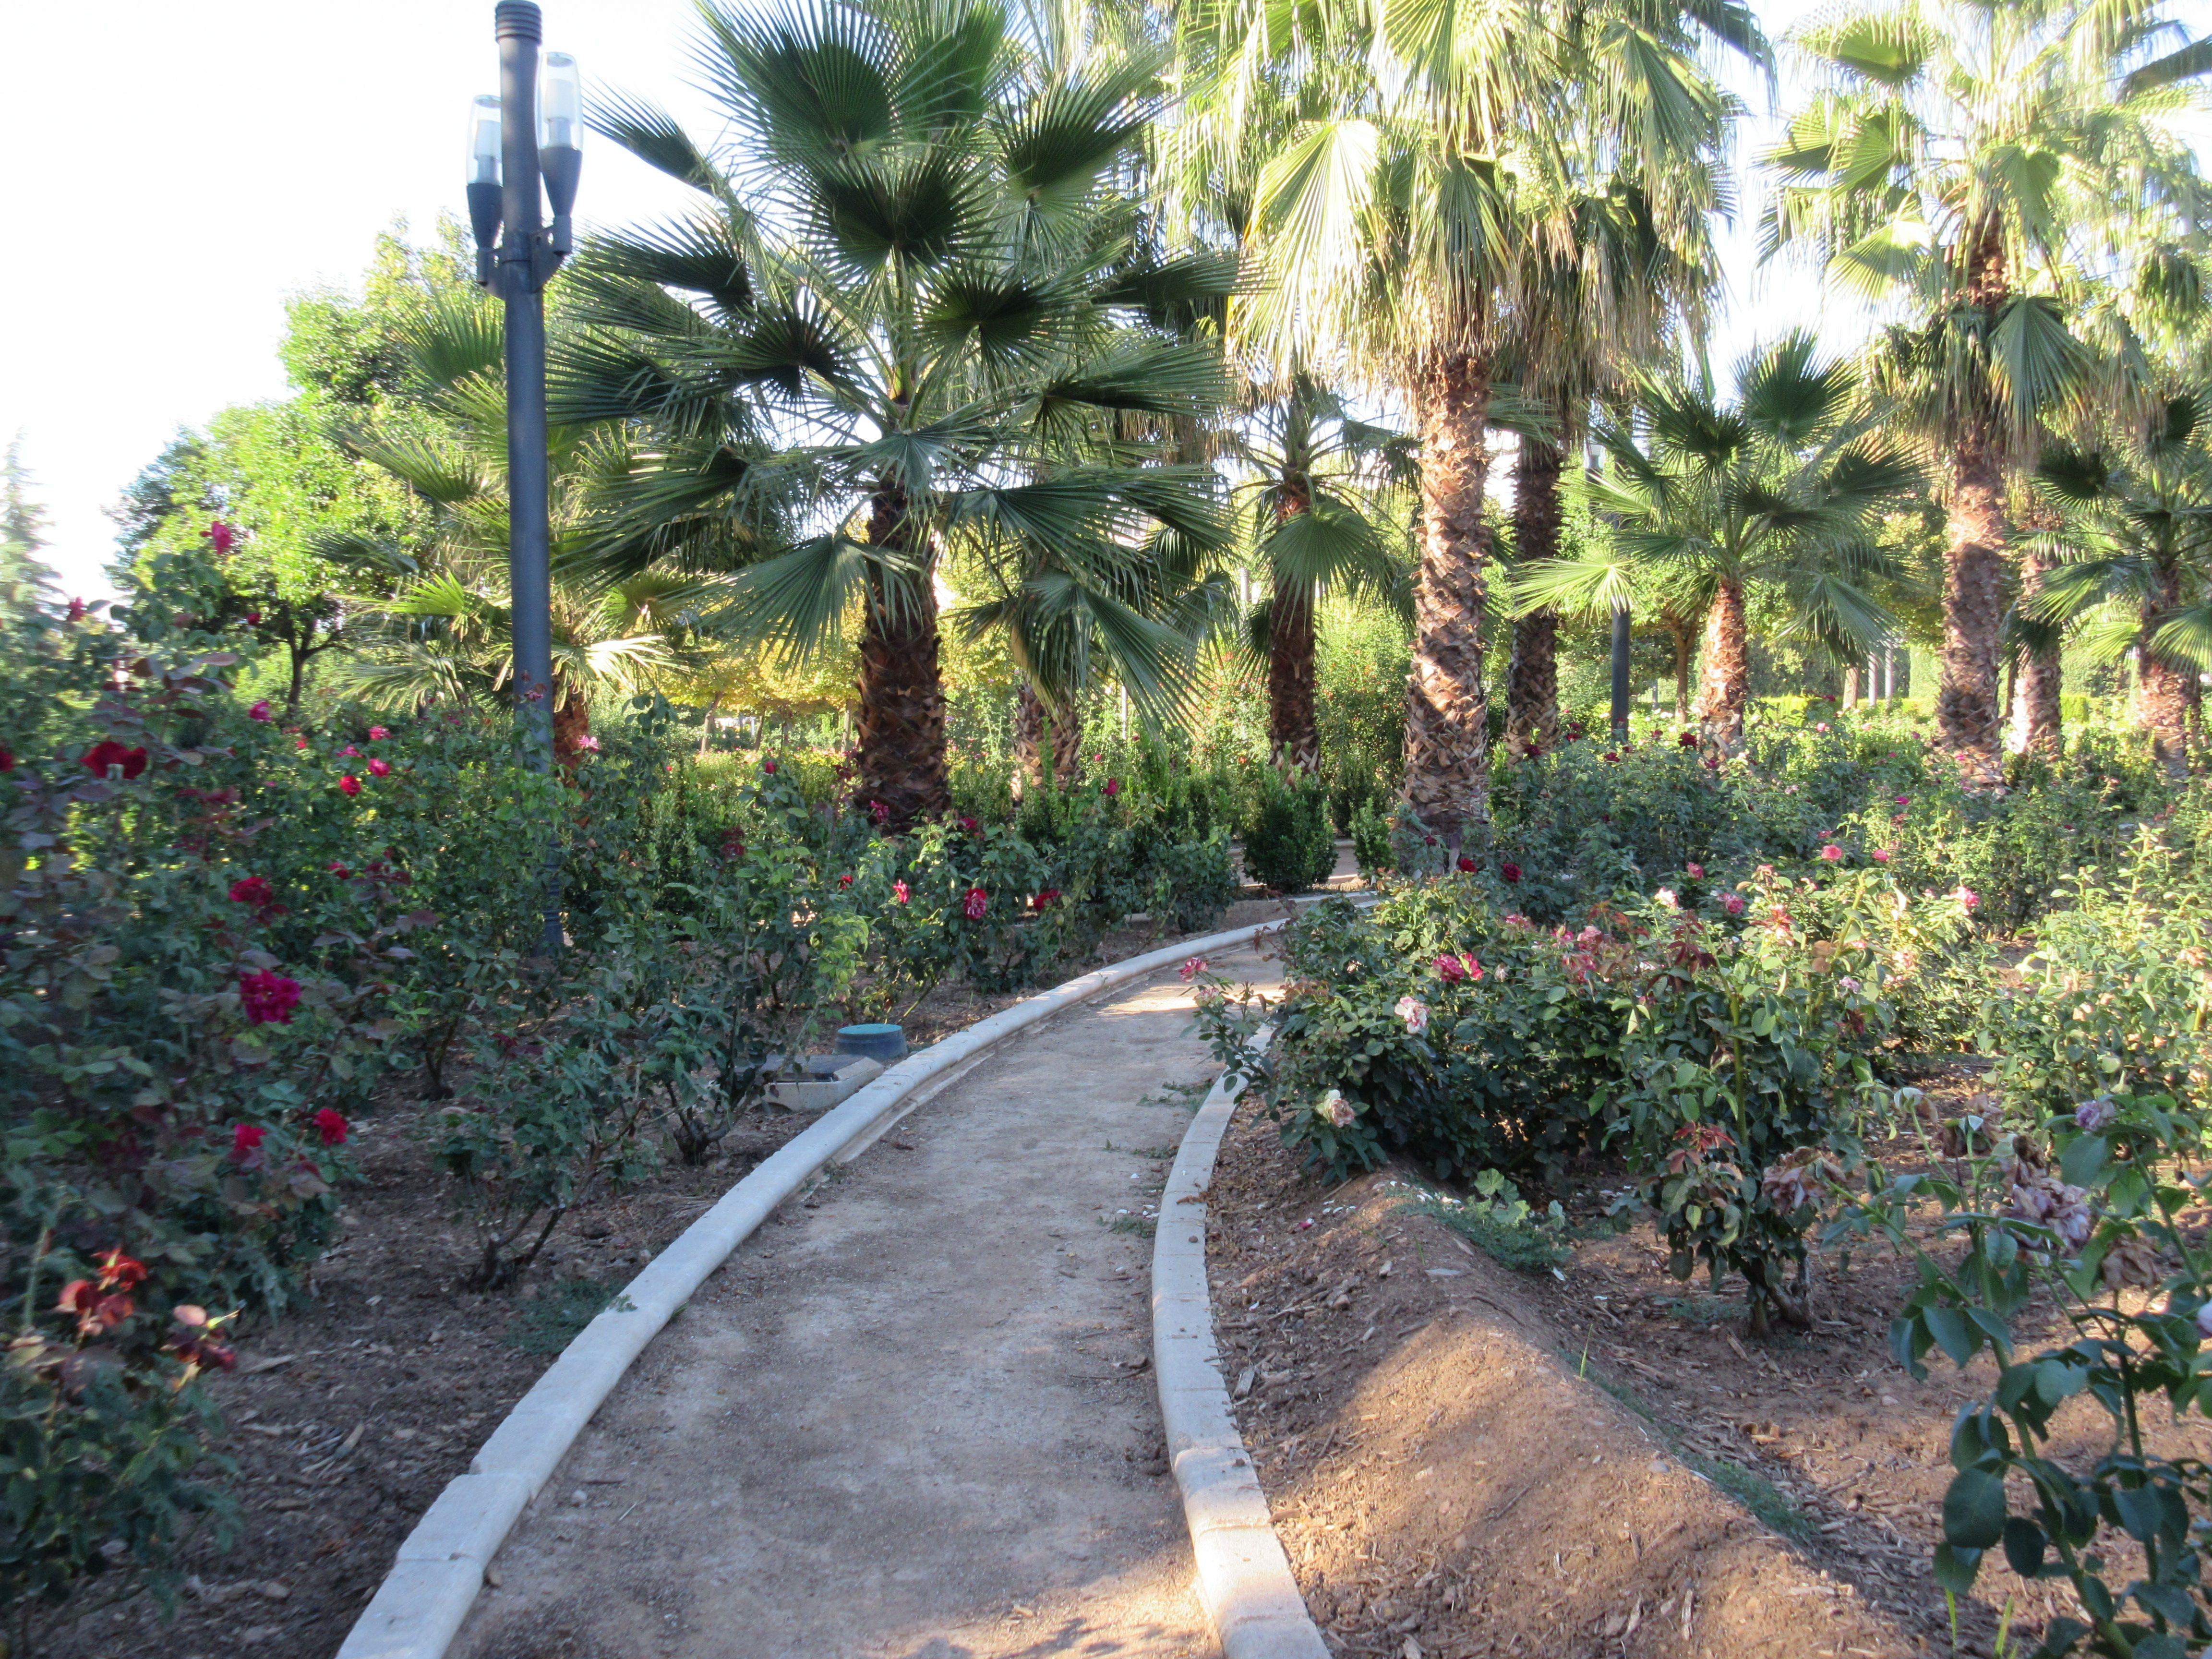 Parque Federico Garcia Lorca In Granada Spain Spanish Best